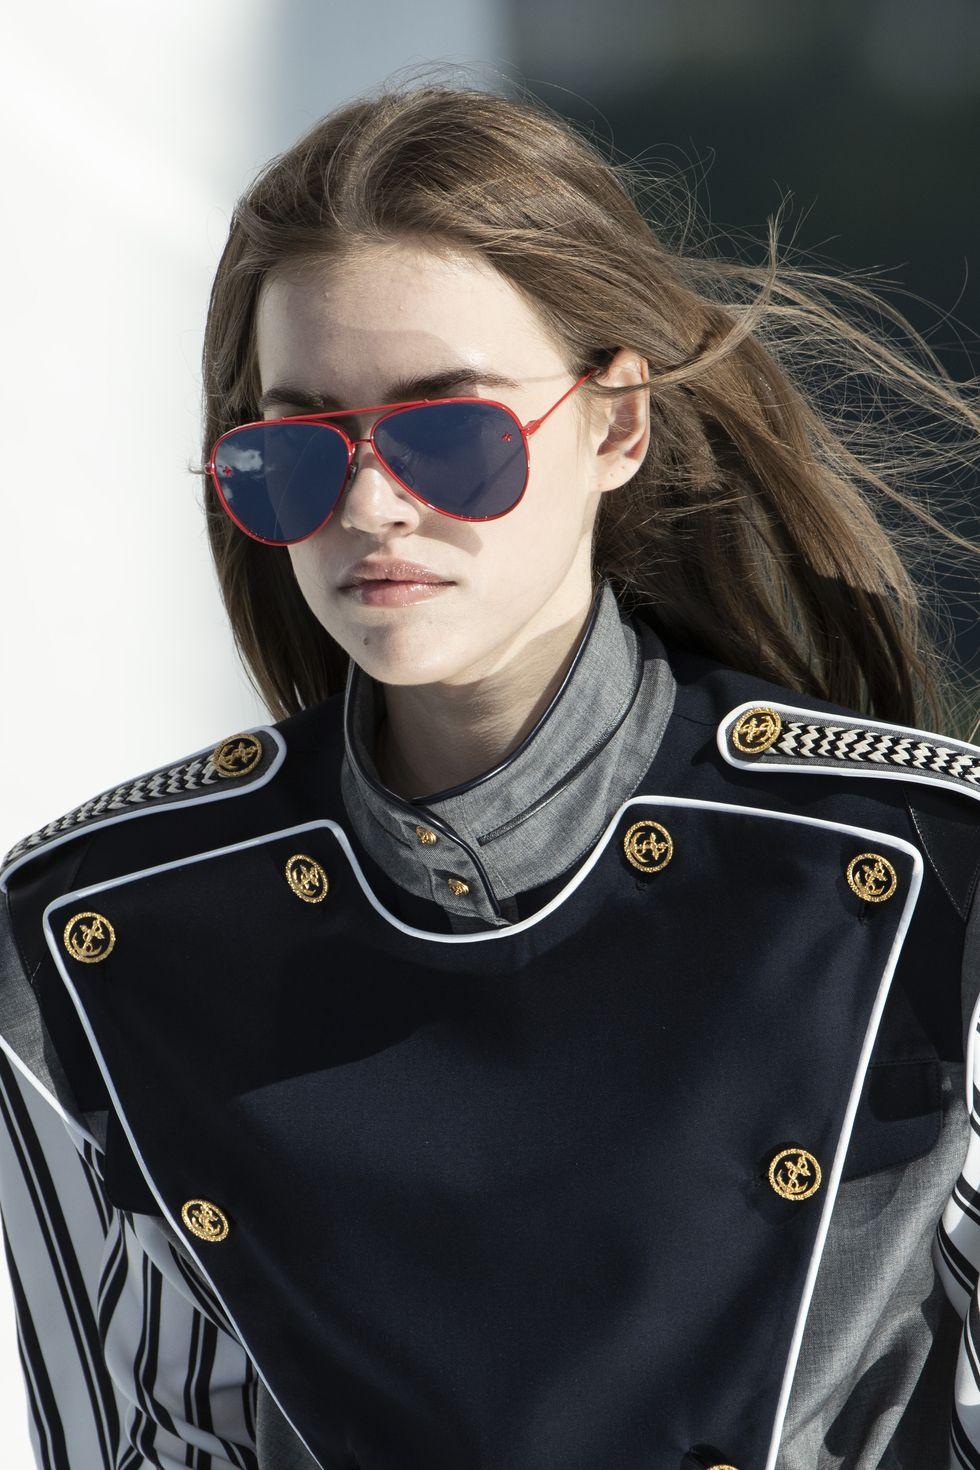 Louis Vuitton ra mắt bộ sưu tập cruise 2022 theo phong cách viễn tưởng - 1